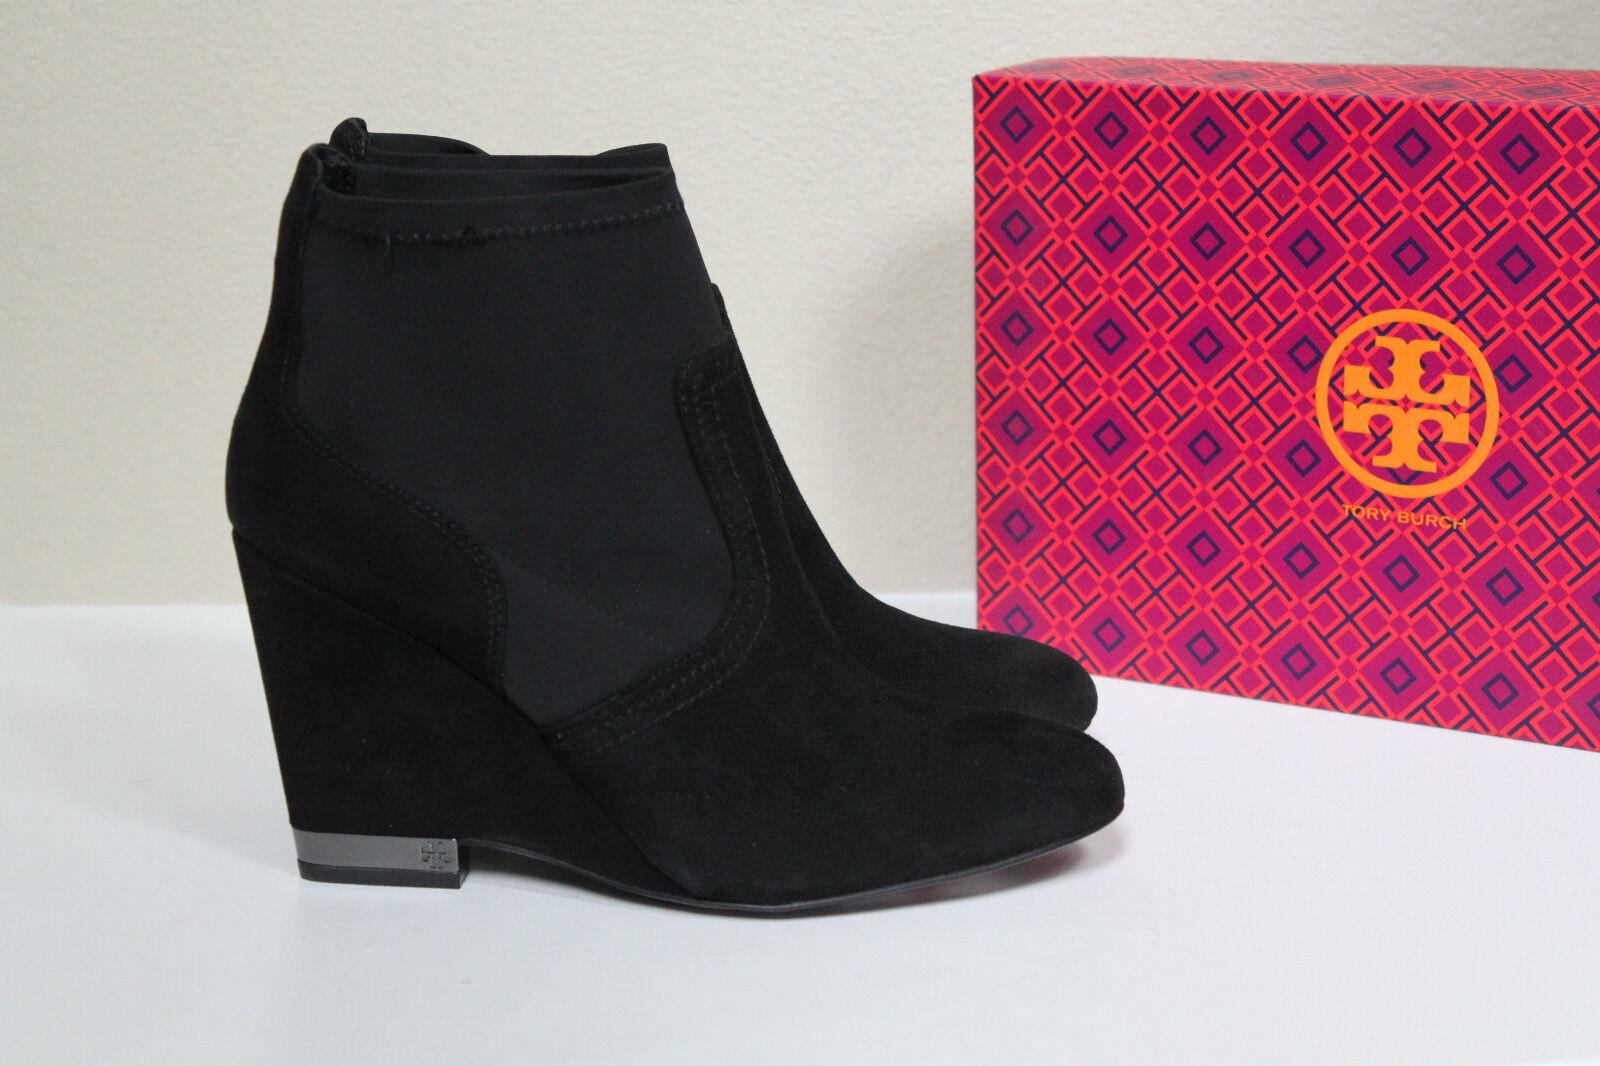 grandi prezzi scontati New Tory Burch Burch Burch nero Brenda Suede & Lycra Wedge Heel Ankle avvioie scarpe sz 10  una marca di lusso